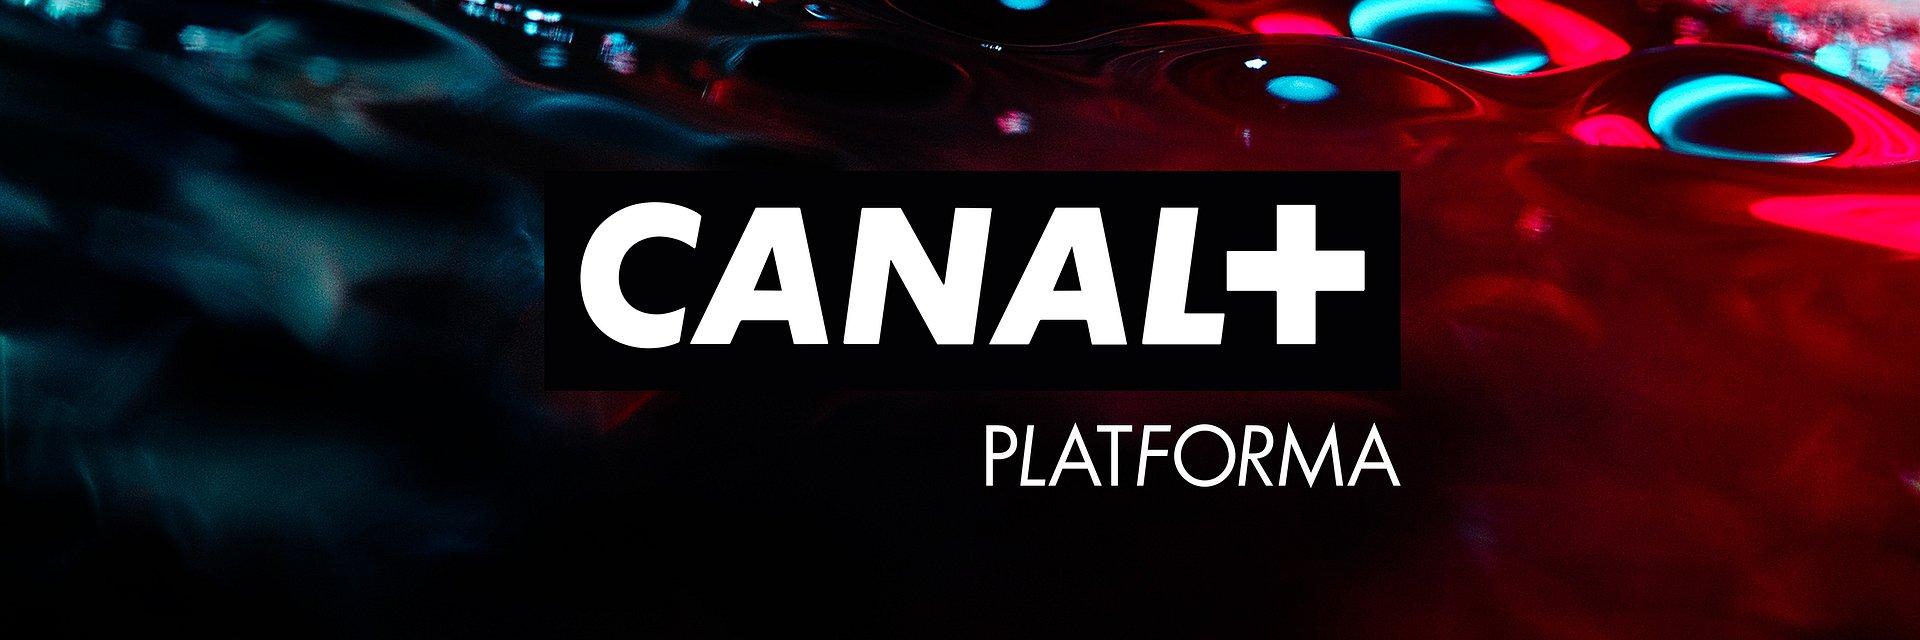 CANAL+ finalizuje zakup 70 proc. udziałów w Kino Świat